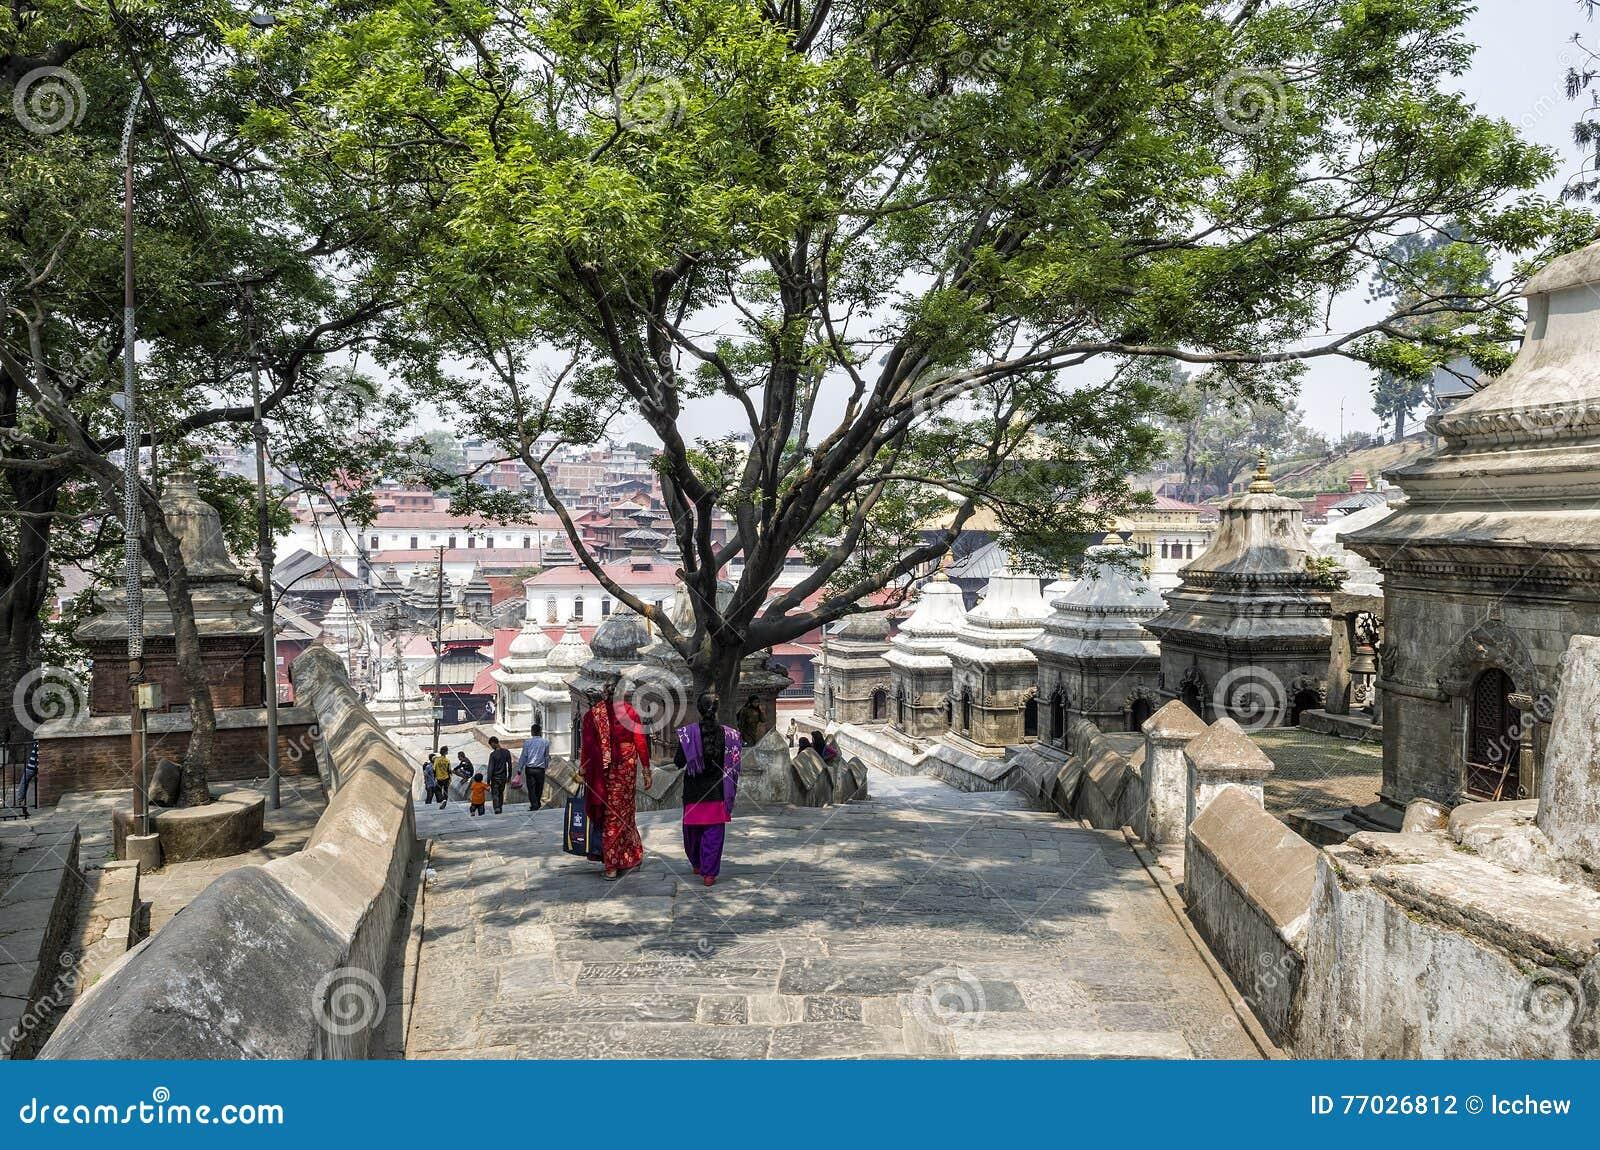 Life and activities along the holy Bagmati River at Pashupatinath Temple, Kathmandu, Nepal.